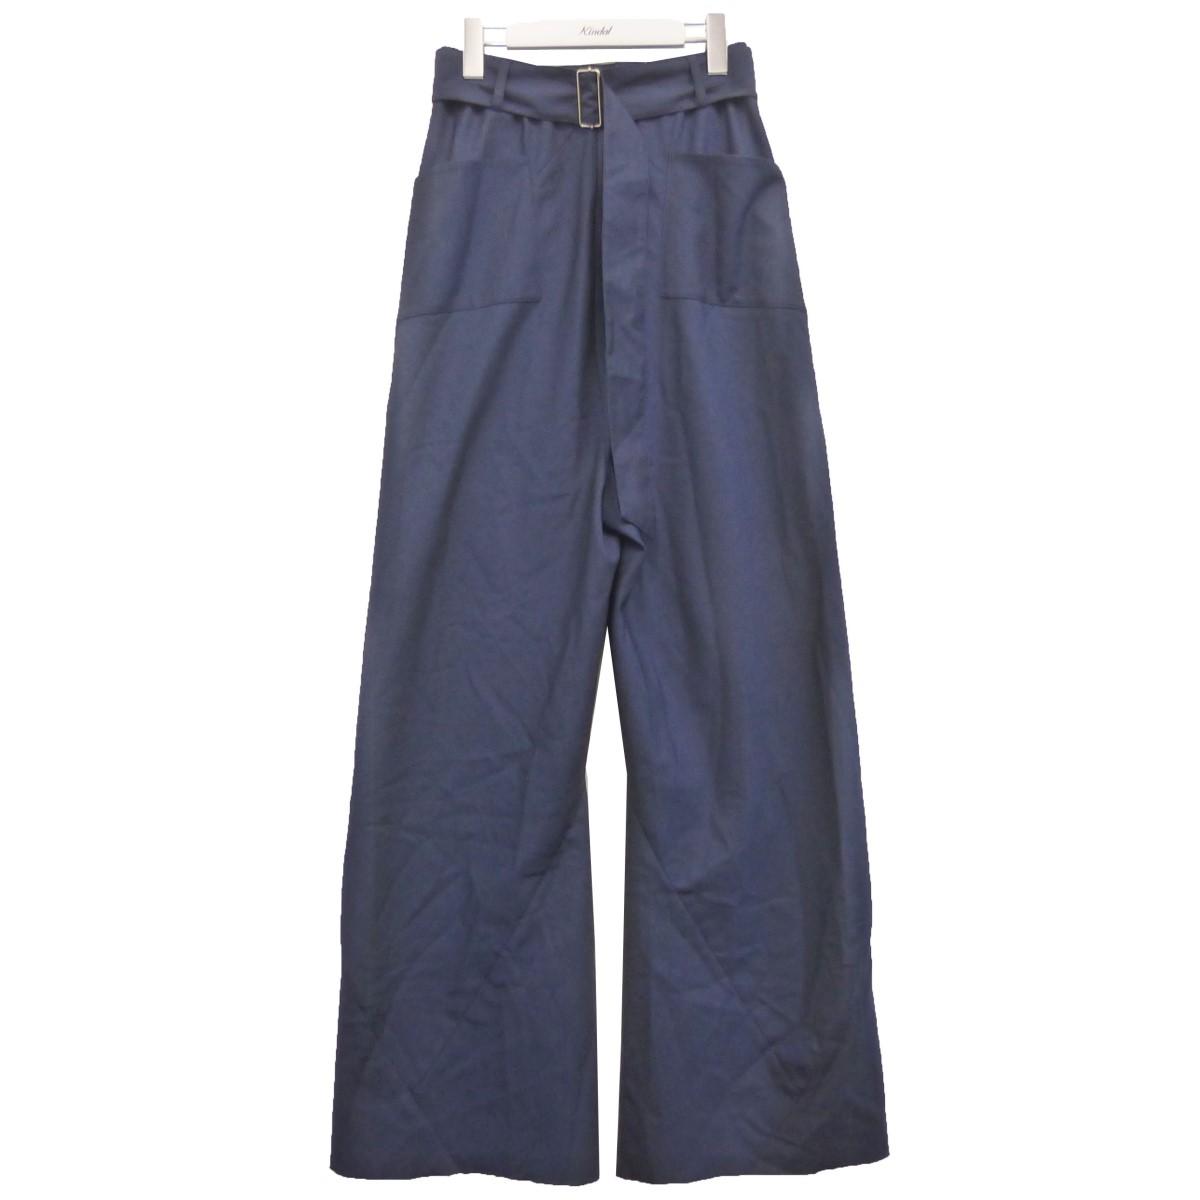 【中古】PERVERZE 18SS「over high waist pants」オーバーハイウエストパンツ ネイビー サイズ:Free 【230920】(パーバーズ)